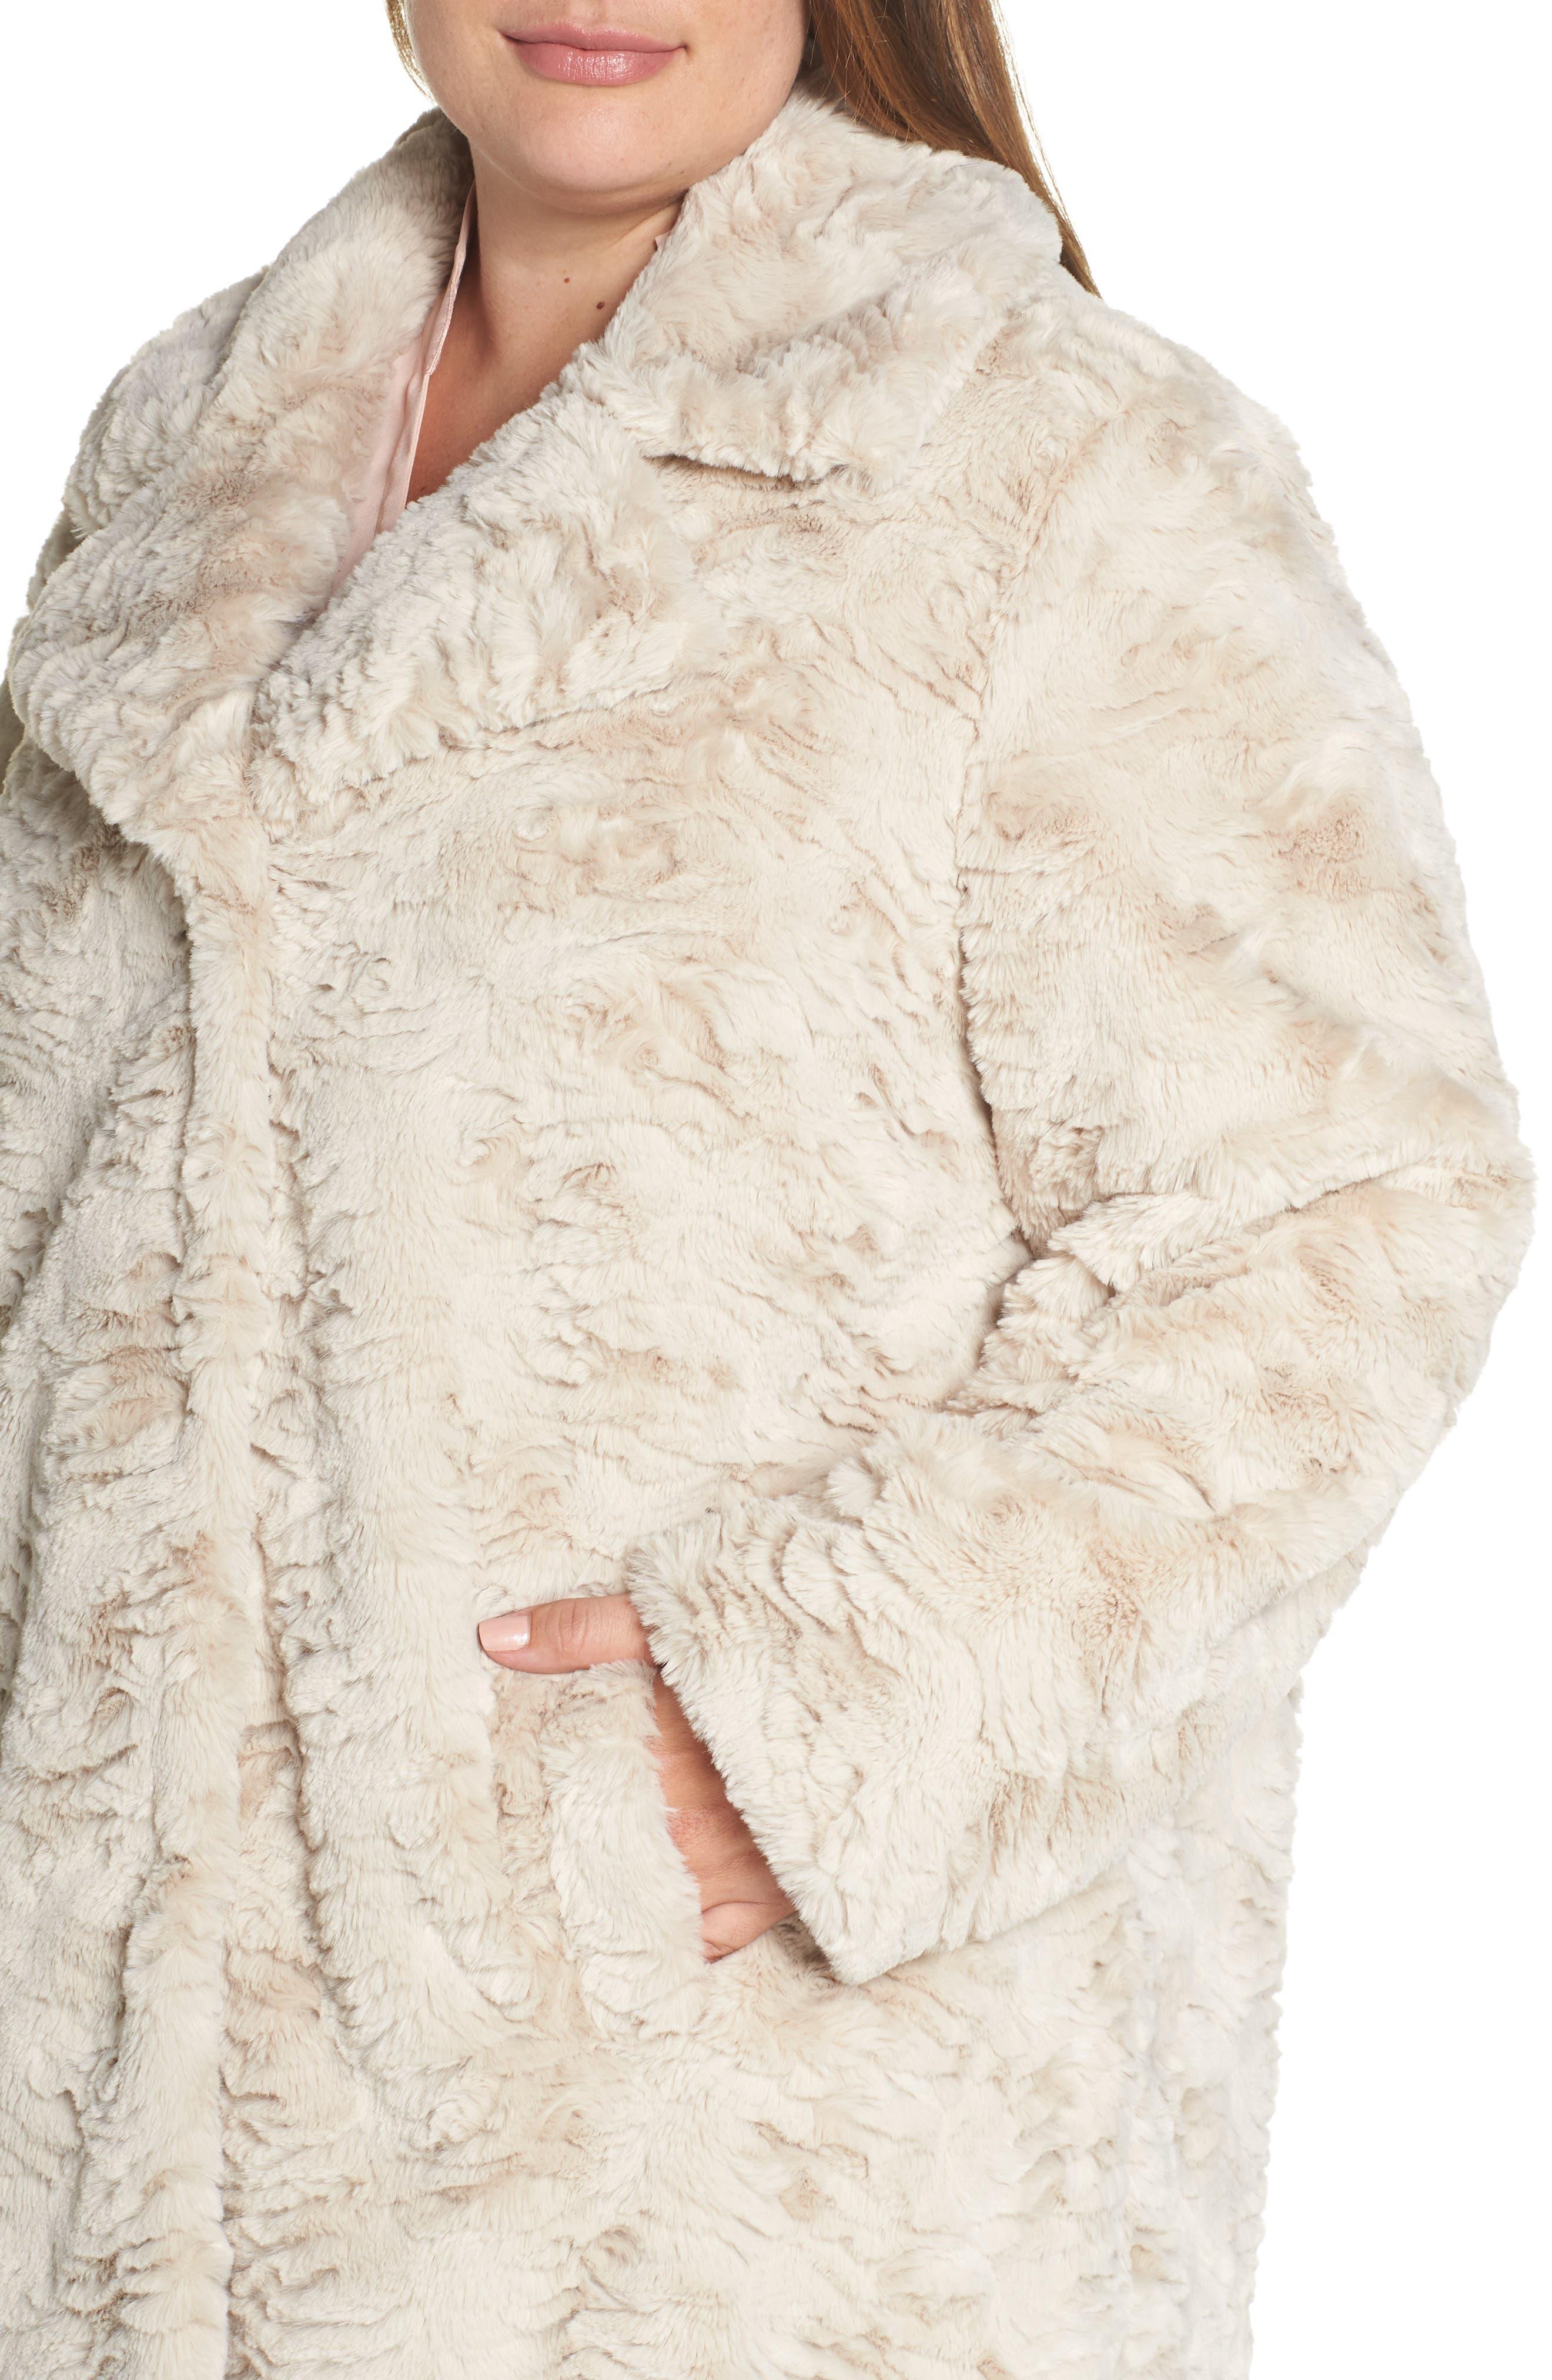 Wubby Faux Fur Coat,                             Alternate thumbnail 4, color,                             SAND